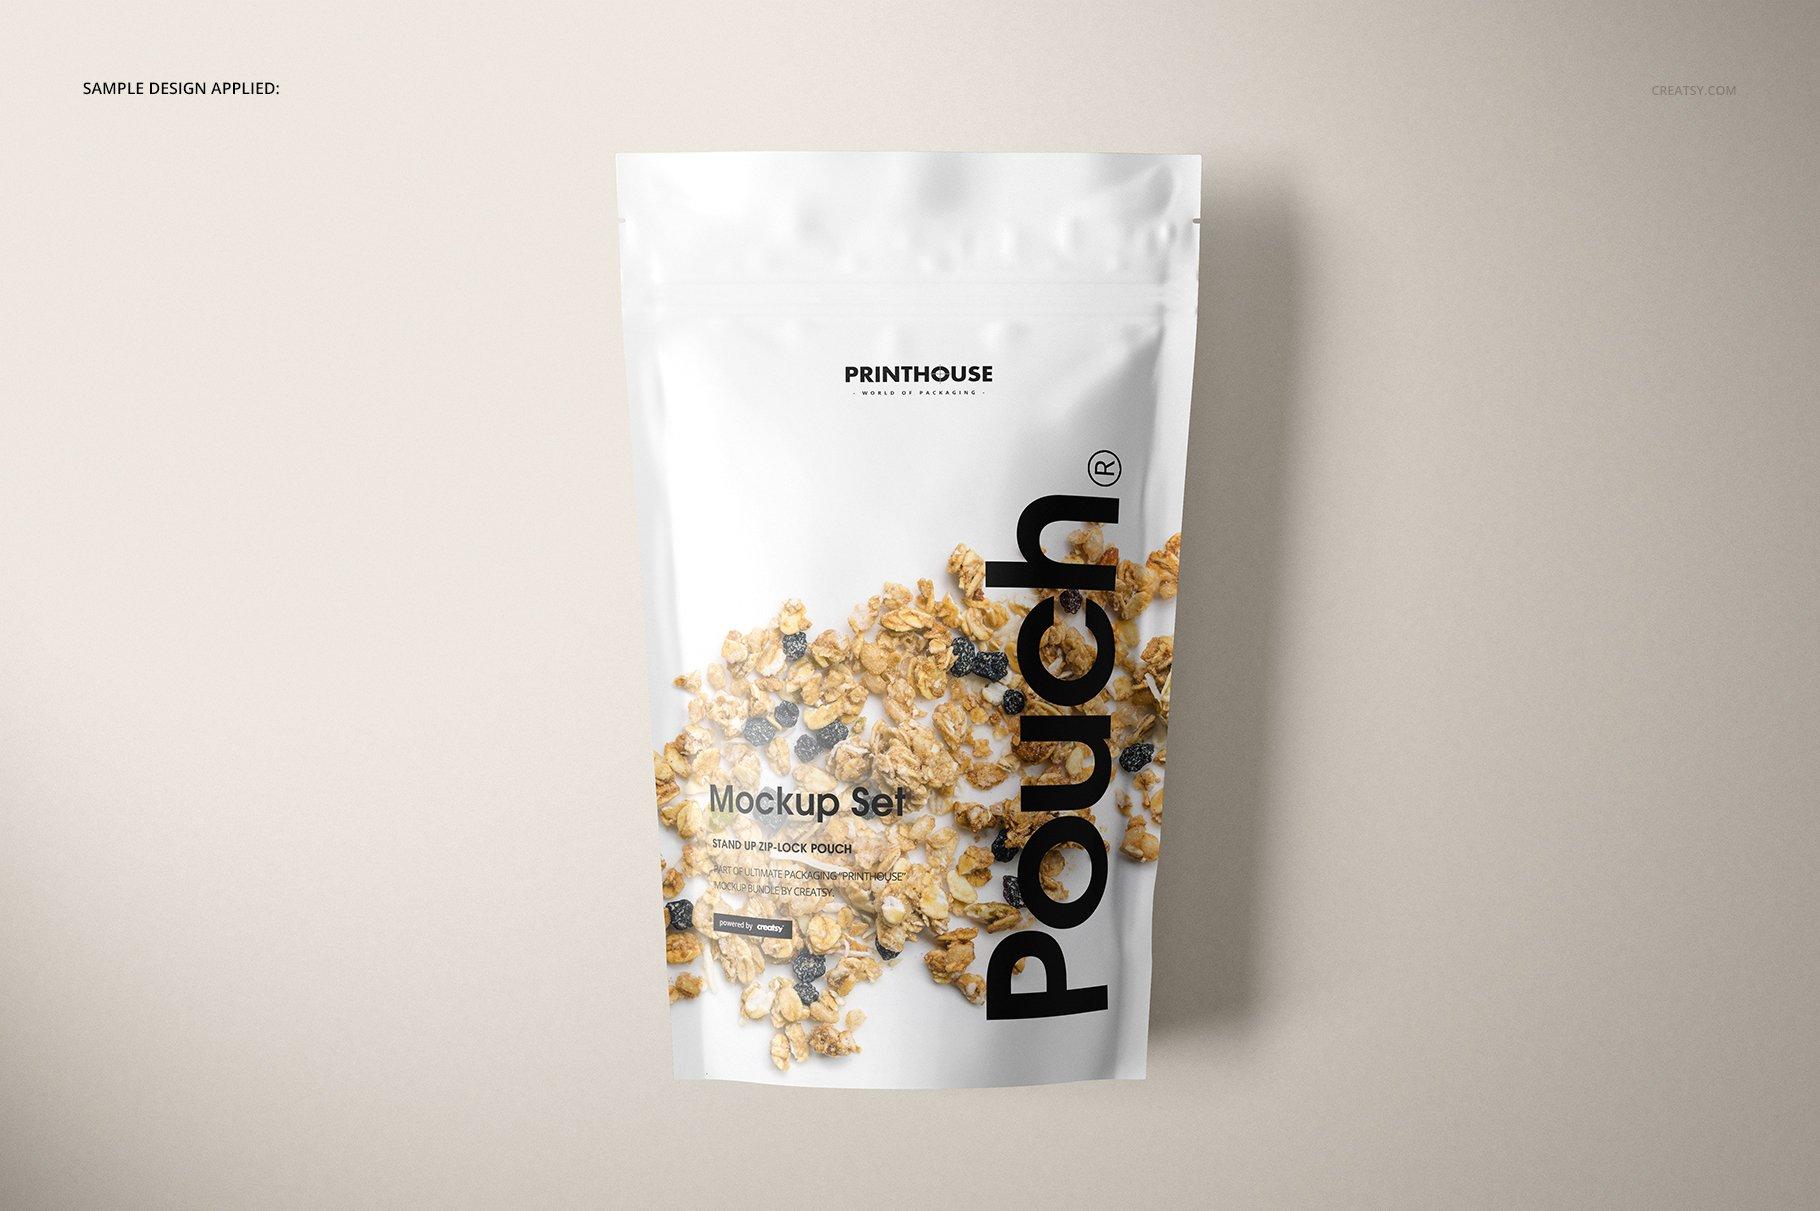 简约立式拉链锁食品自封袋塑料袋设计展示样机合集 Stand Up Pouch Mockup Set 2插图(6)